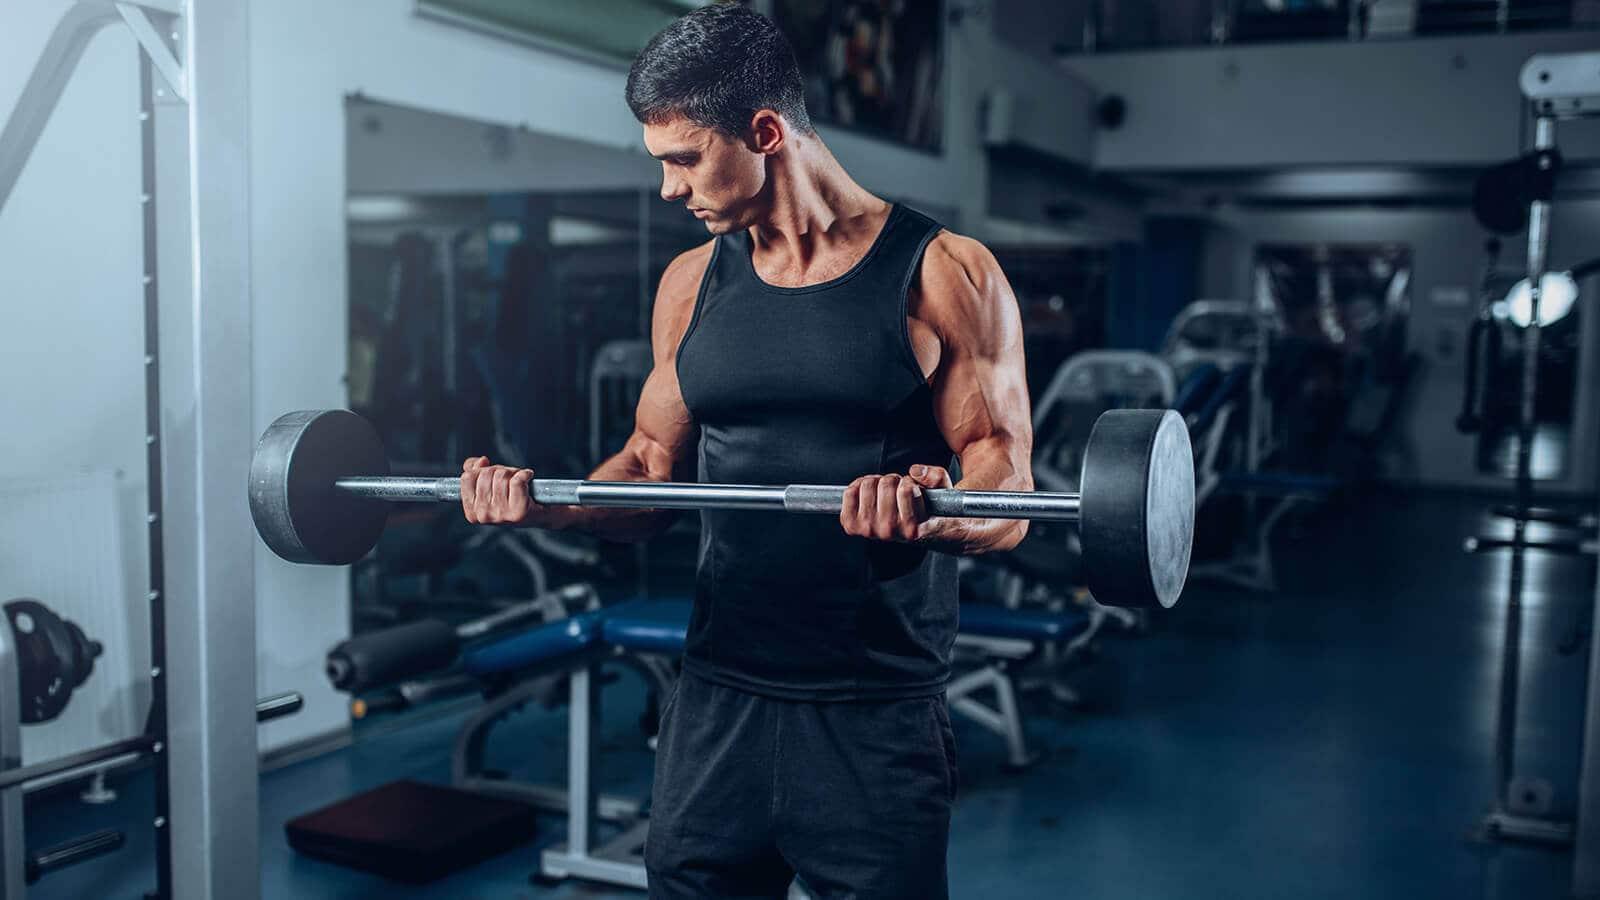 Programme Entraînement Prise De Masse Sèche Pour Prendre Du Muscle